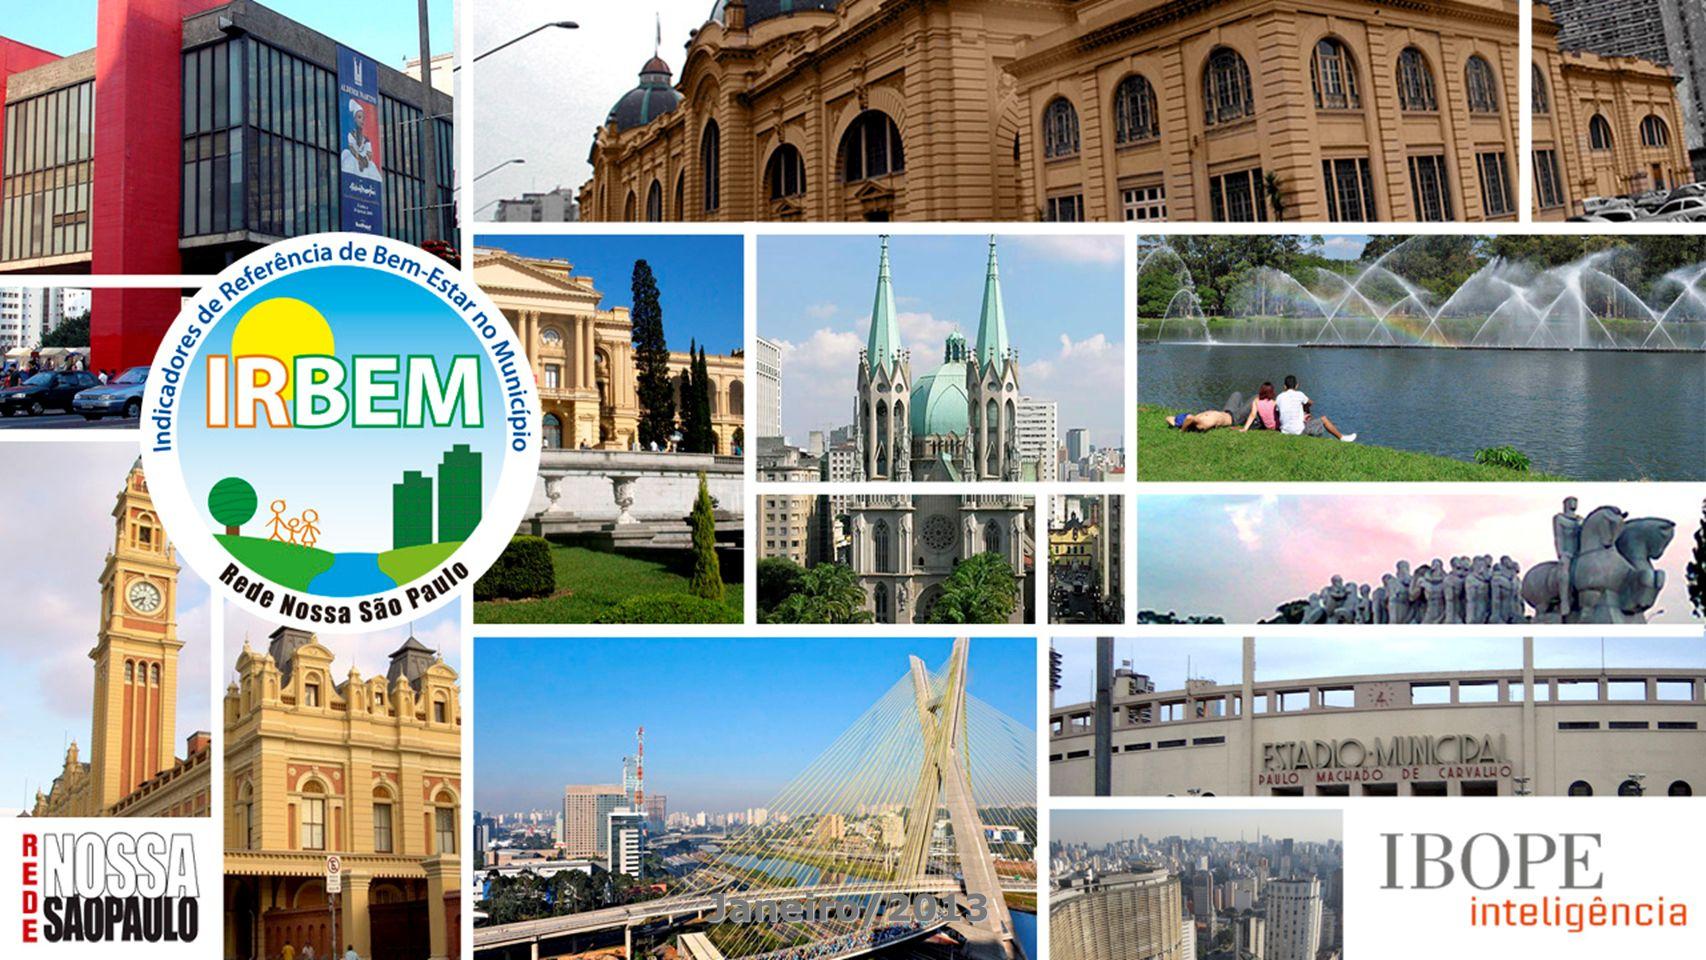 2 O objetivo do IRBEM é formar um conjunto de indicadores para que a própria sociedade civil, governos, empresas e instituições conheçam as condições e os modos de vida dos cidadãos, a fim de que as ações públicas e privadas tenham como foco principal o bem-estar das pessoas.